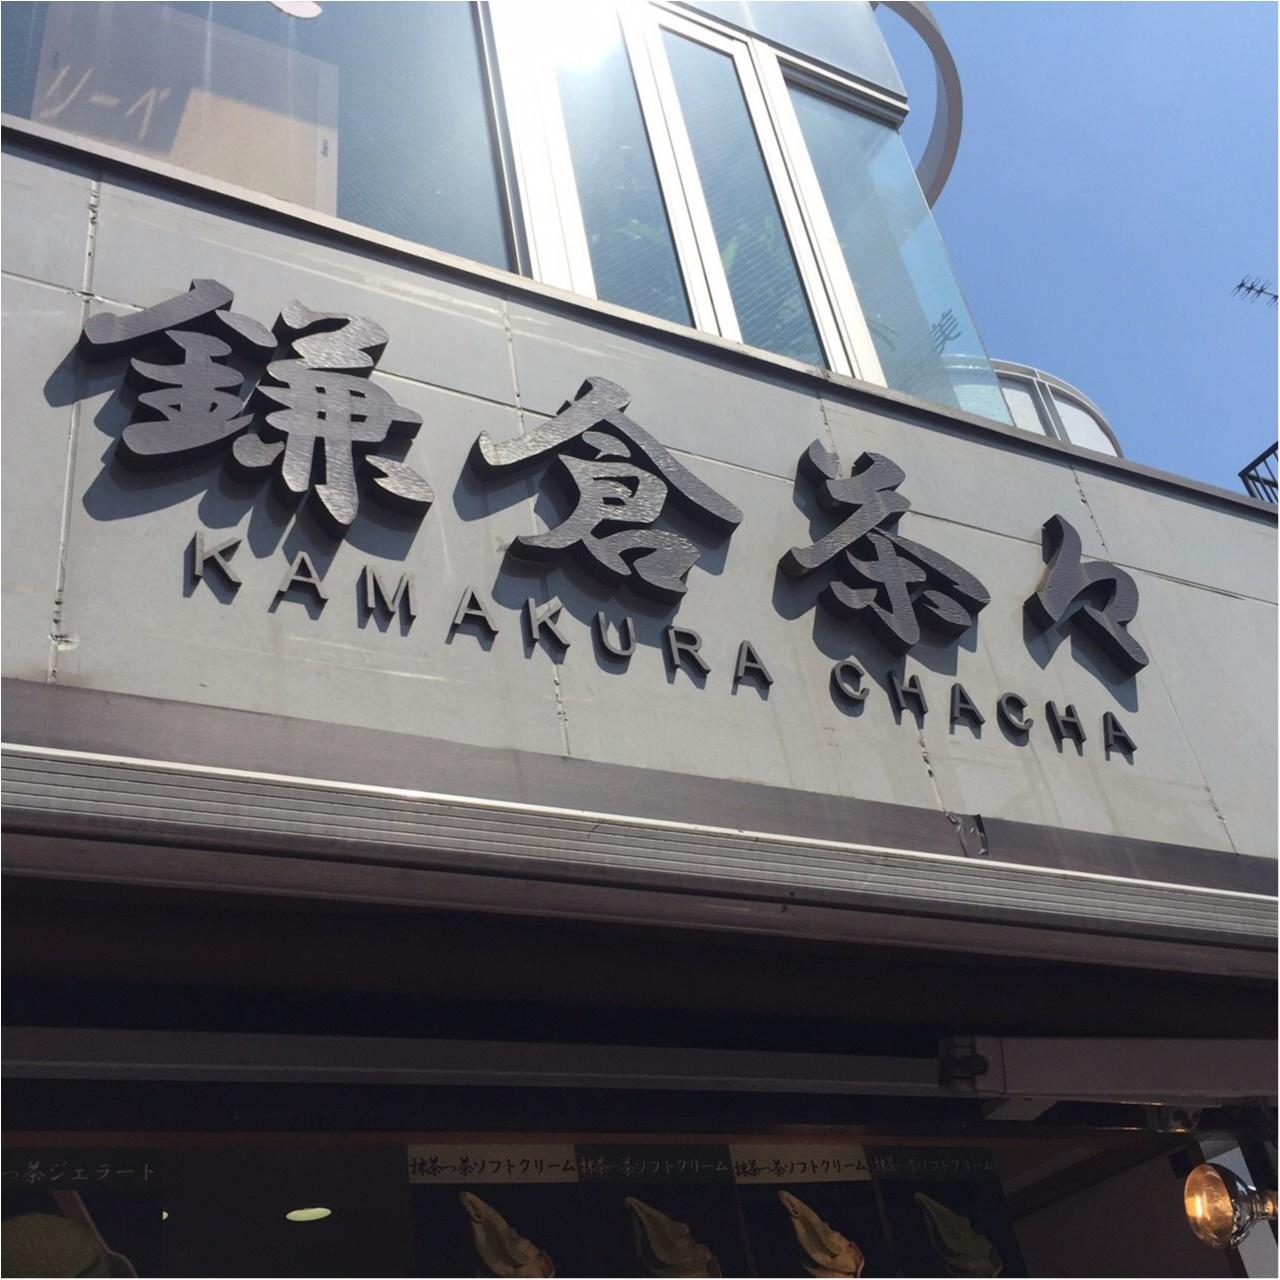 【鎌倉グルメ】濃さが選べる抹茶アイス! 小町通り散策に疲れたら「鎌倉茶々」へ♡_1